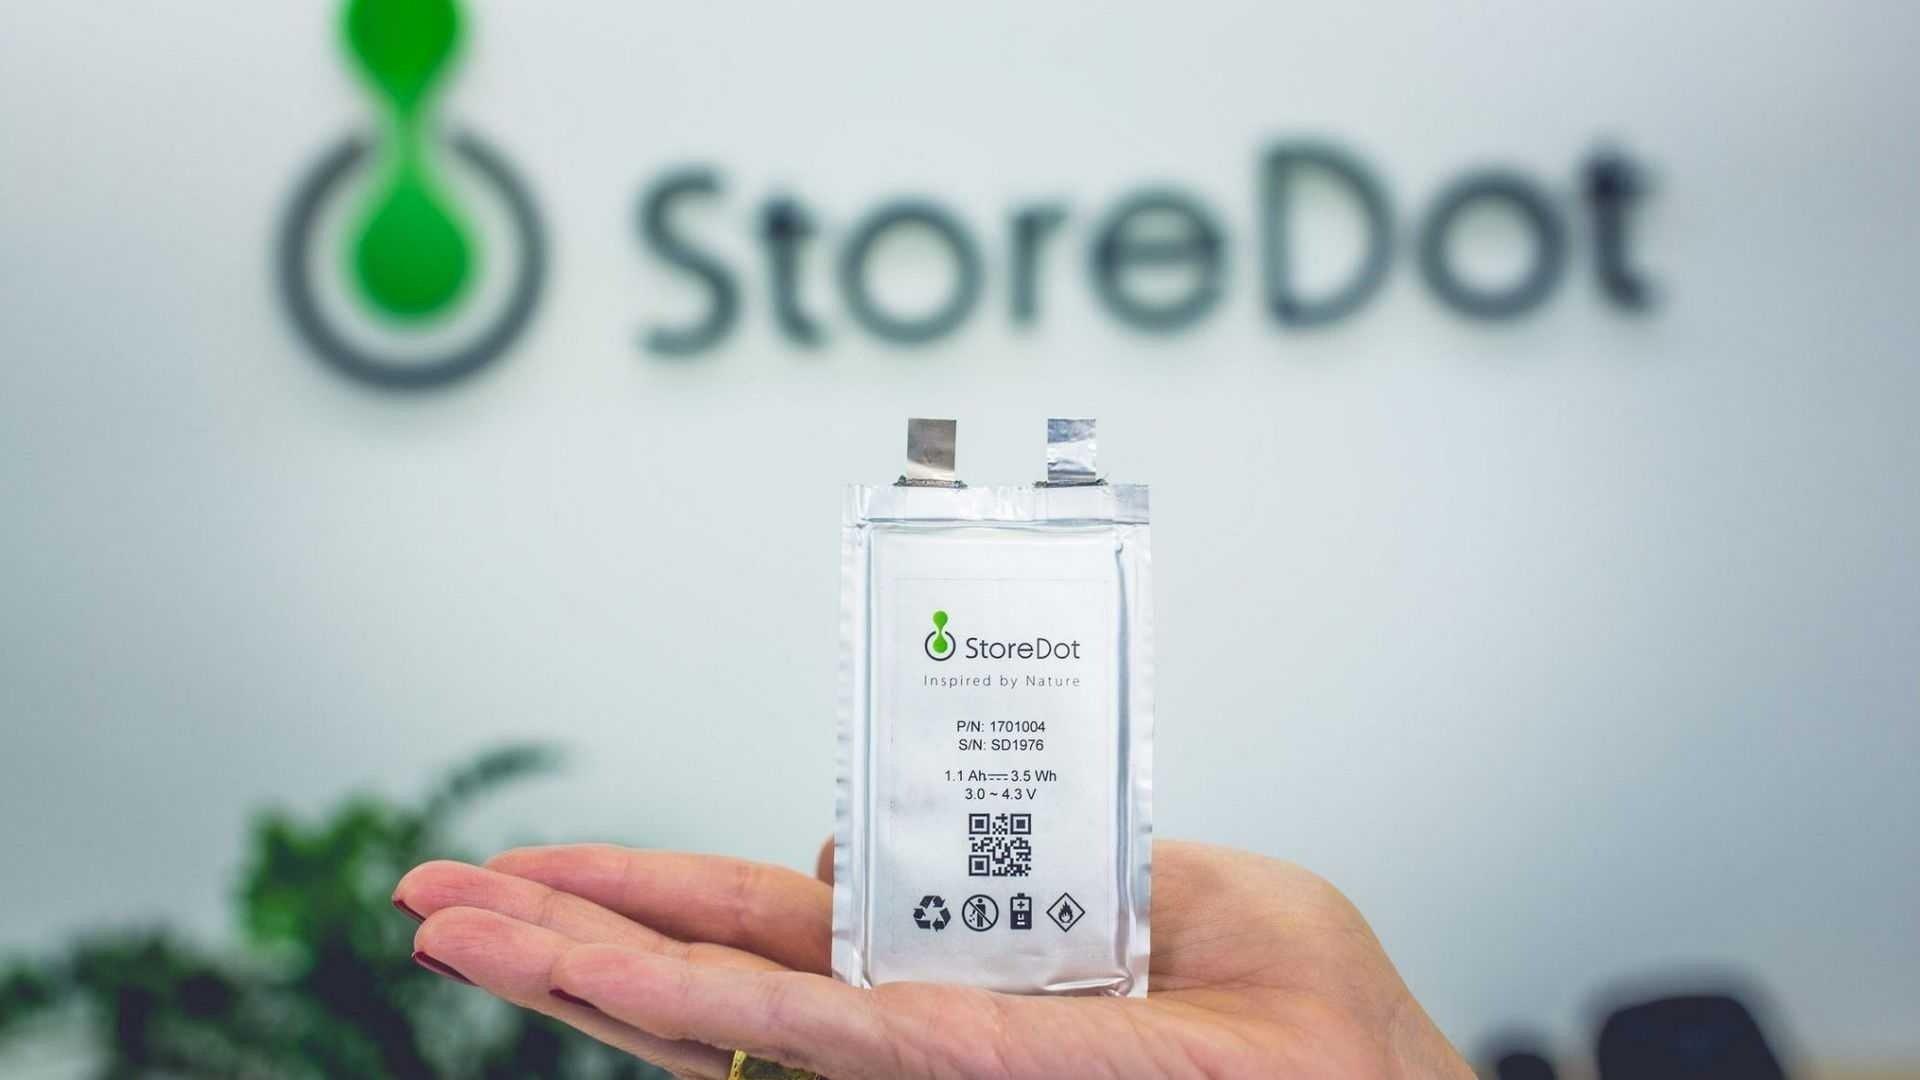 storedot bateria carros eletricos